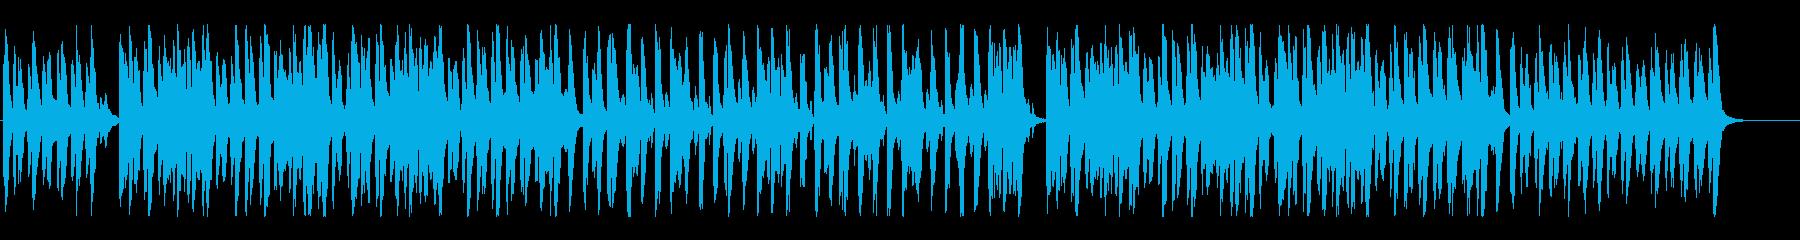 ほのぼの明るく楽しいマーチBGM♪の再生済みの波形